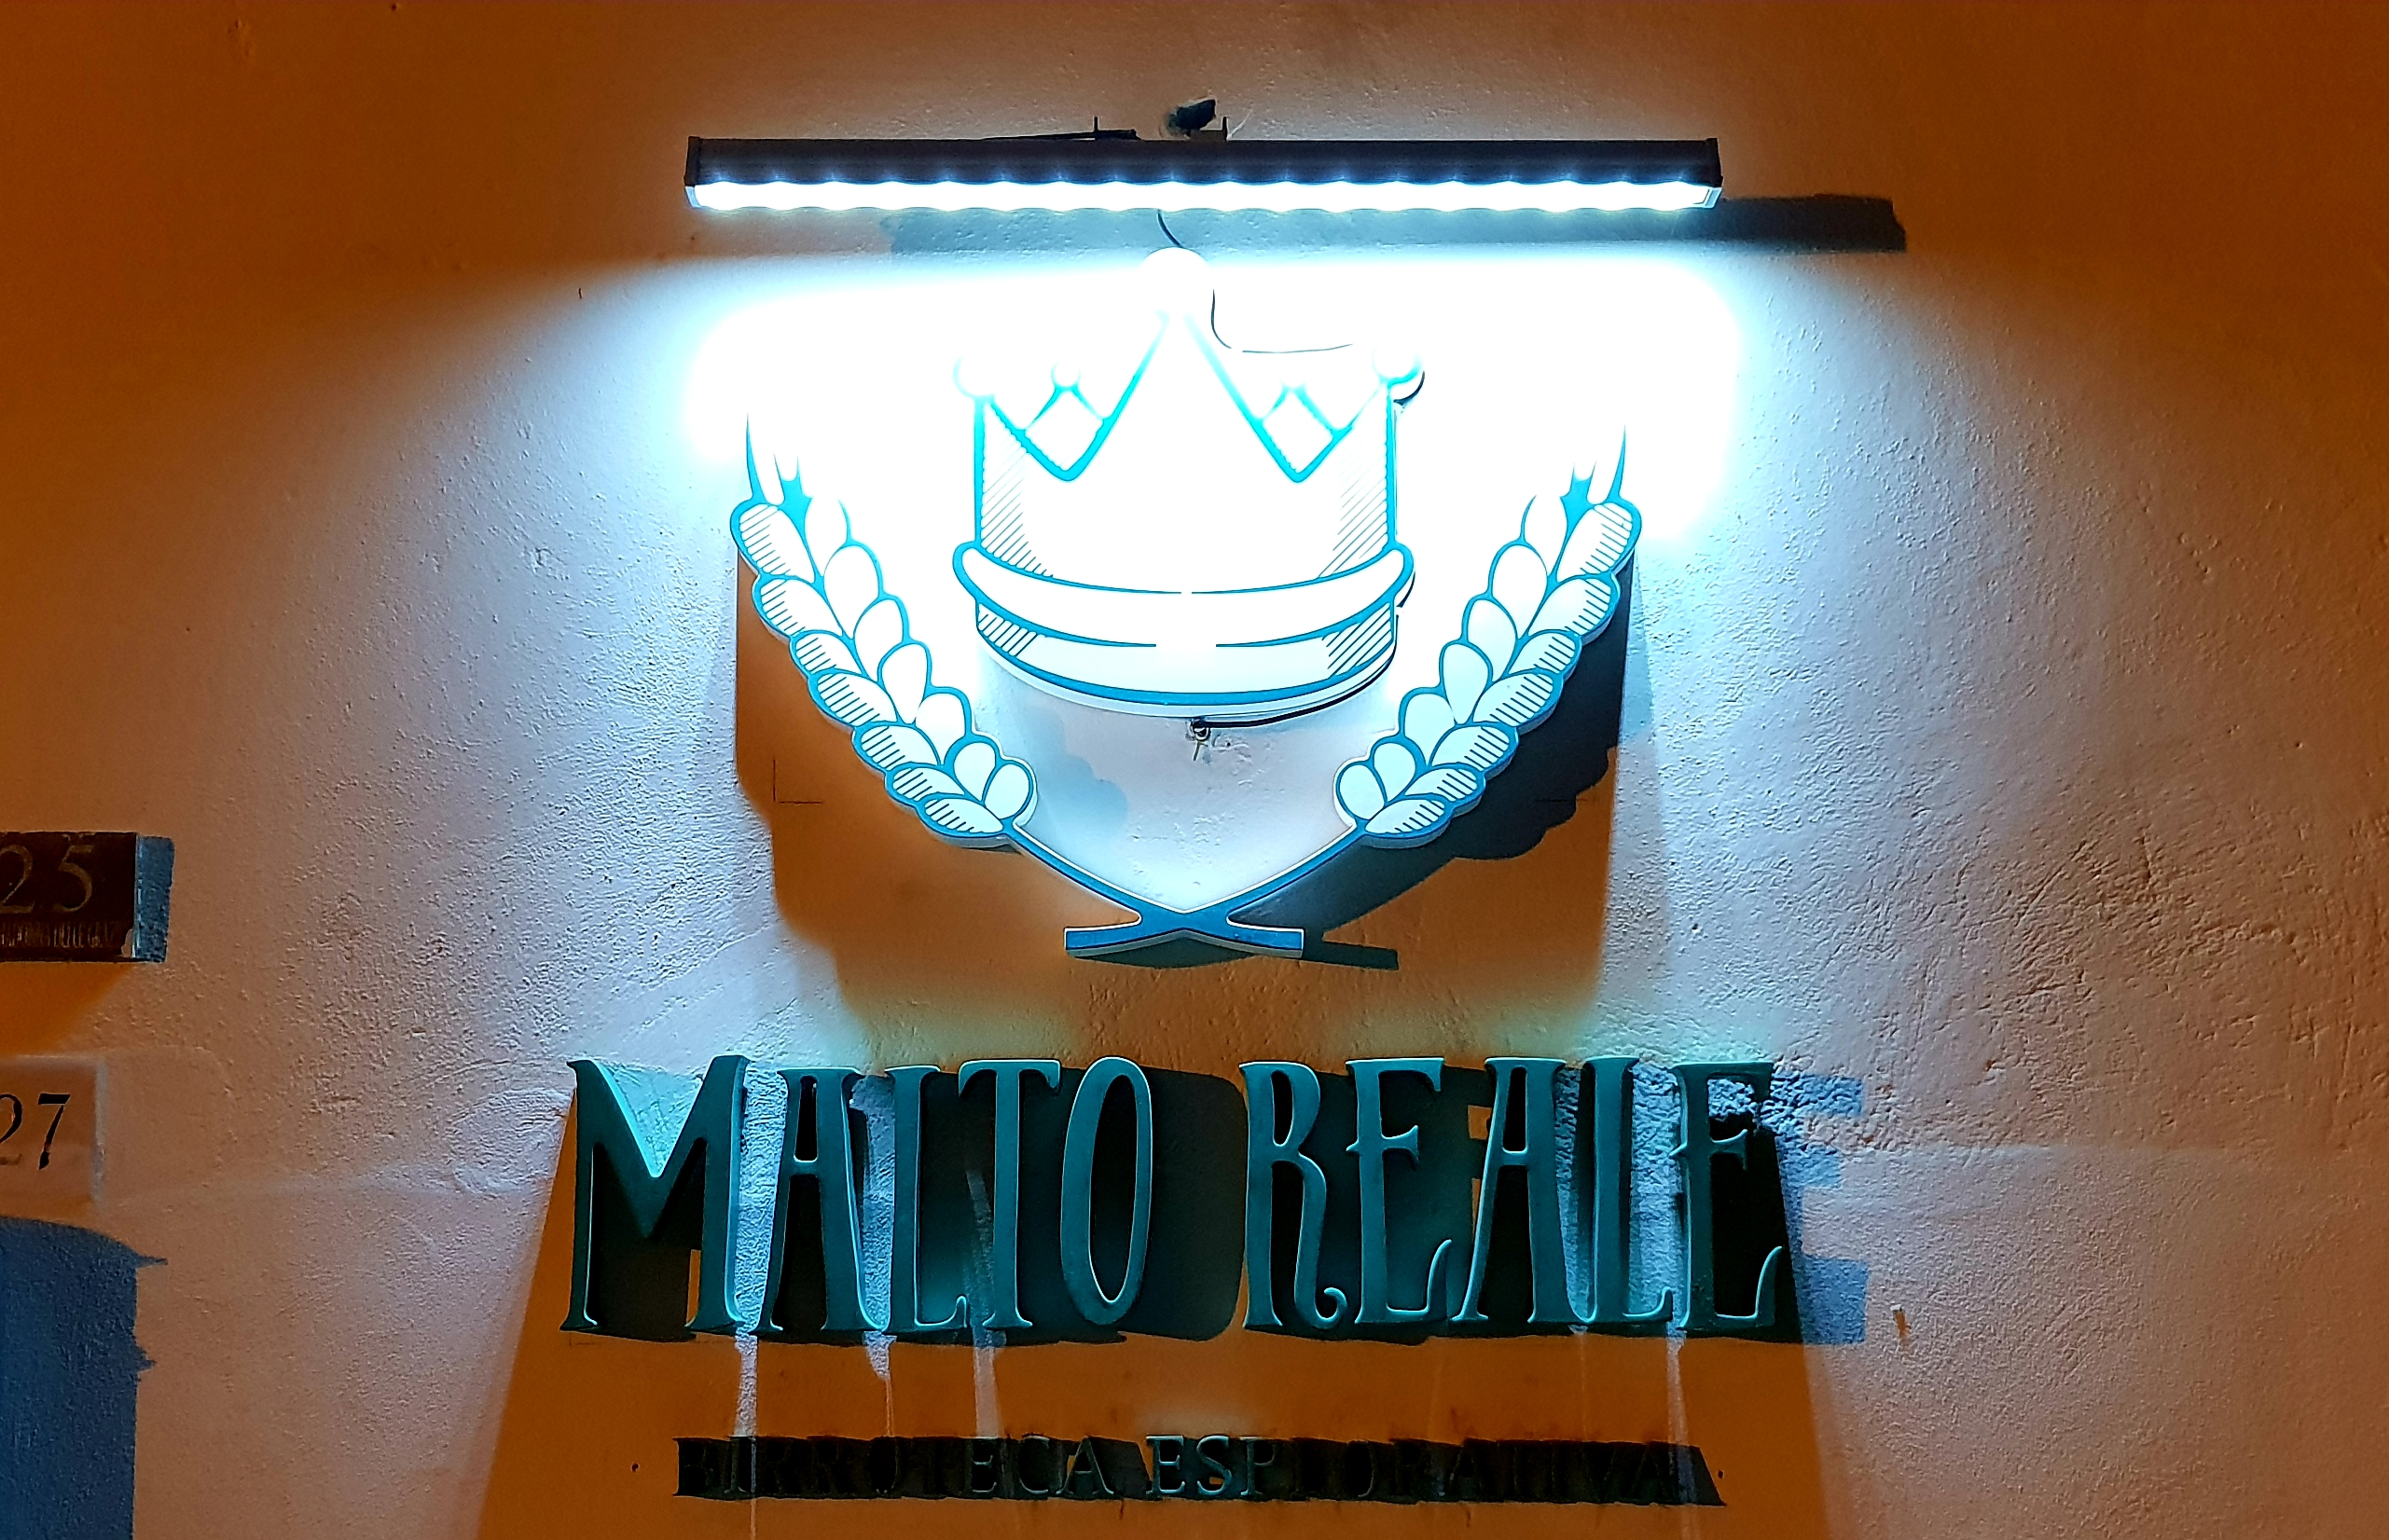 malto-reale